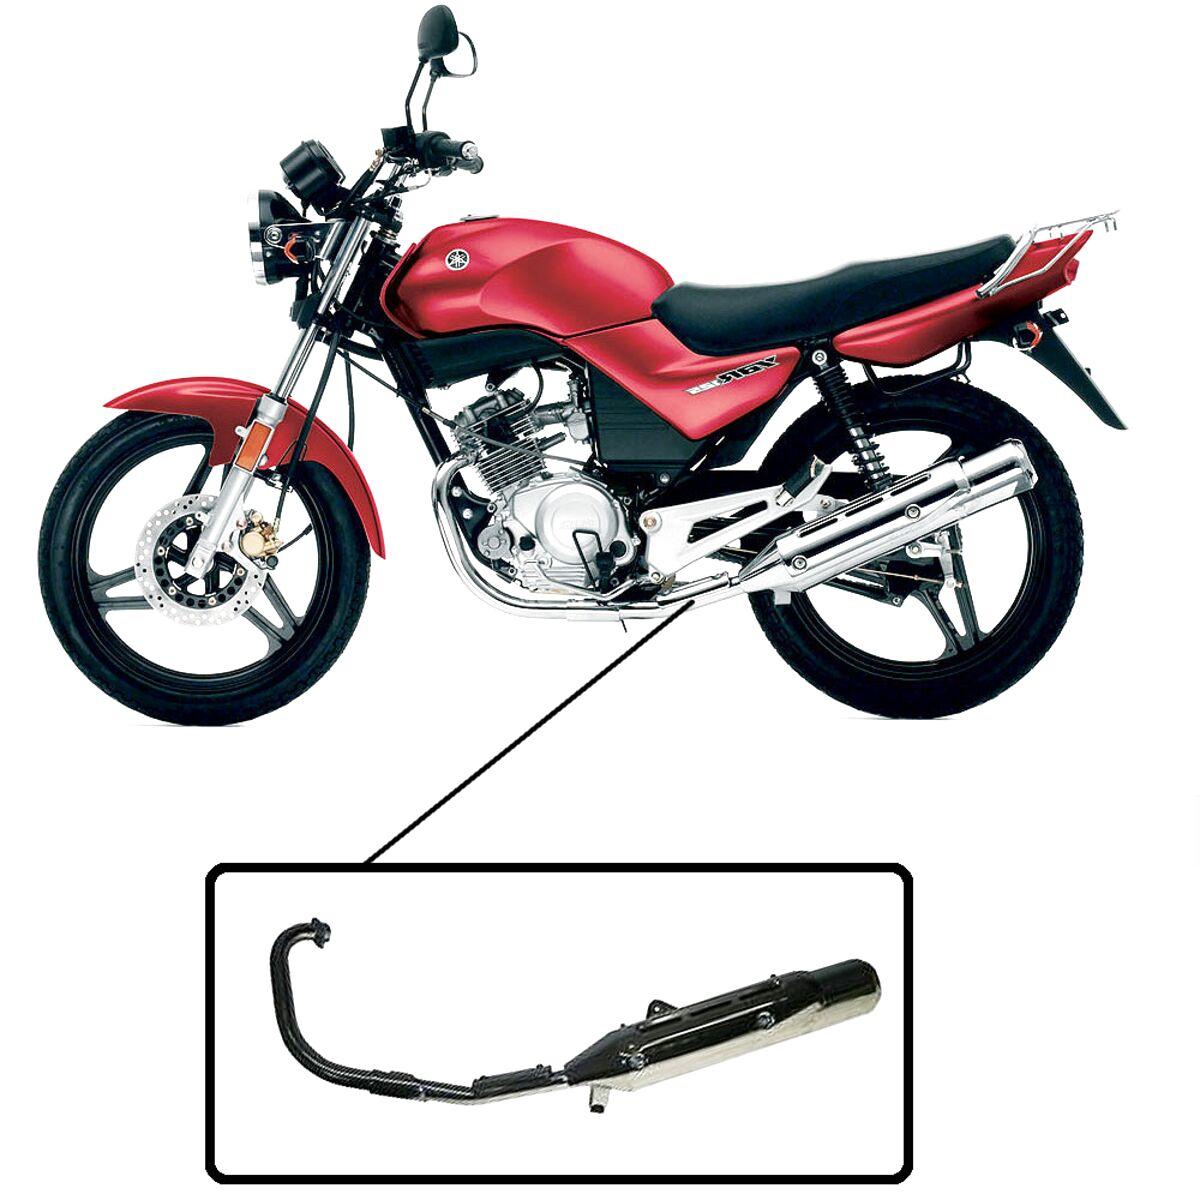 yamaha ybr 125 exhaust for sale